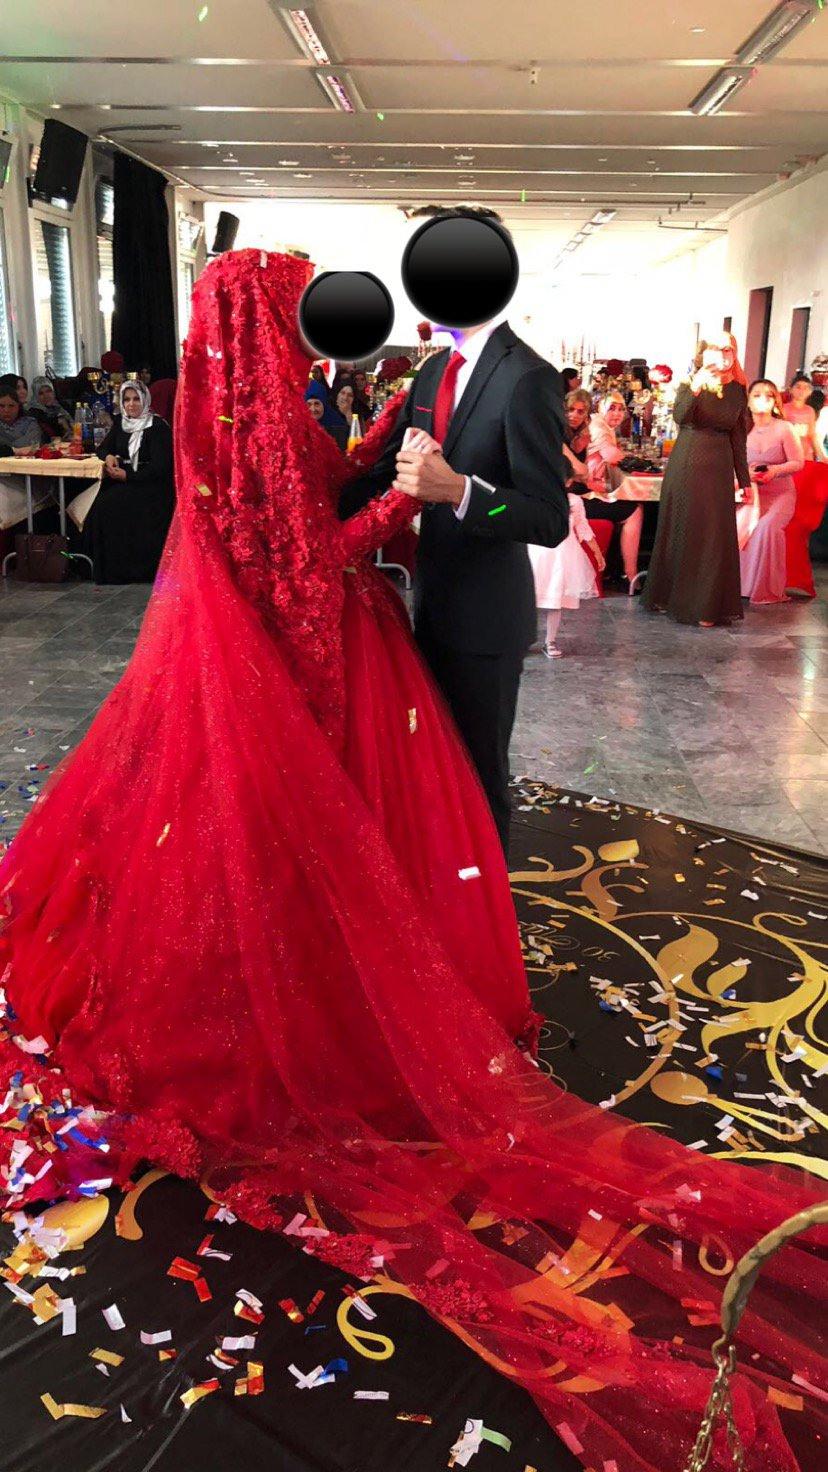 10 Ausgezeichnet Rotes Kleid Henna Abend Design13 Top Rotes Kleid Henna Abend Vertrieb